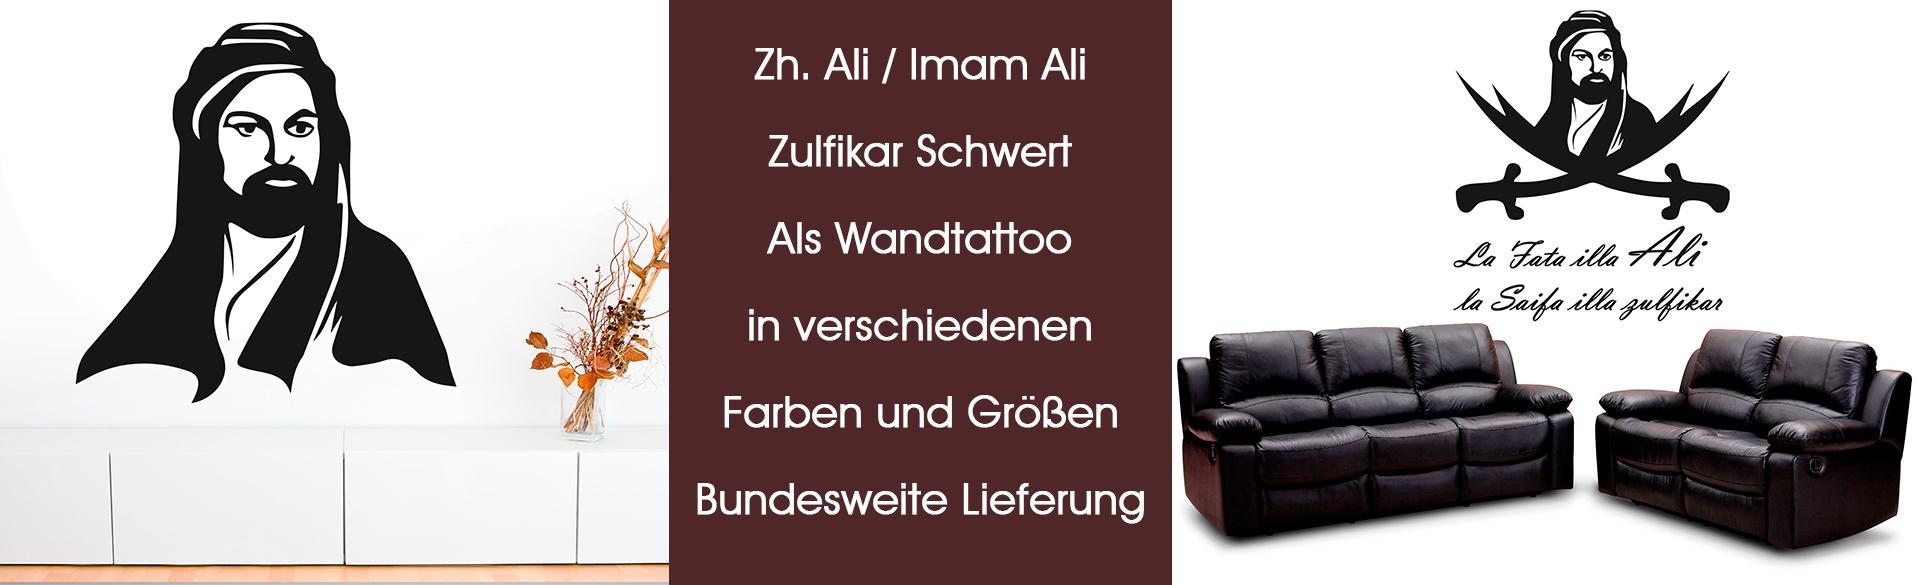 Imam-Ali-Wandtattoo-Startseite-Banner-2